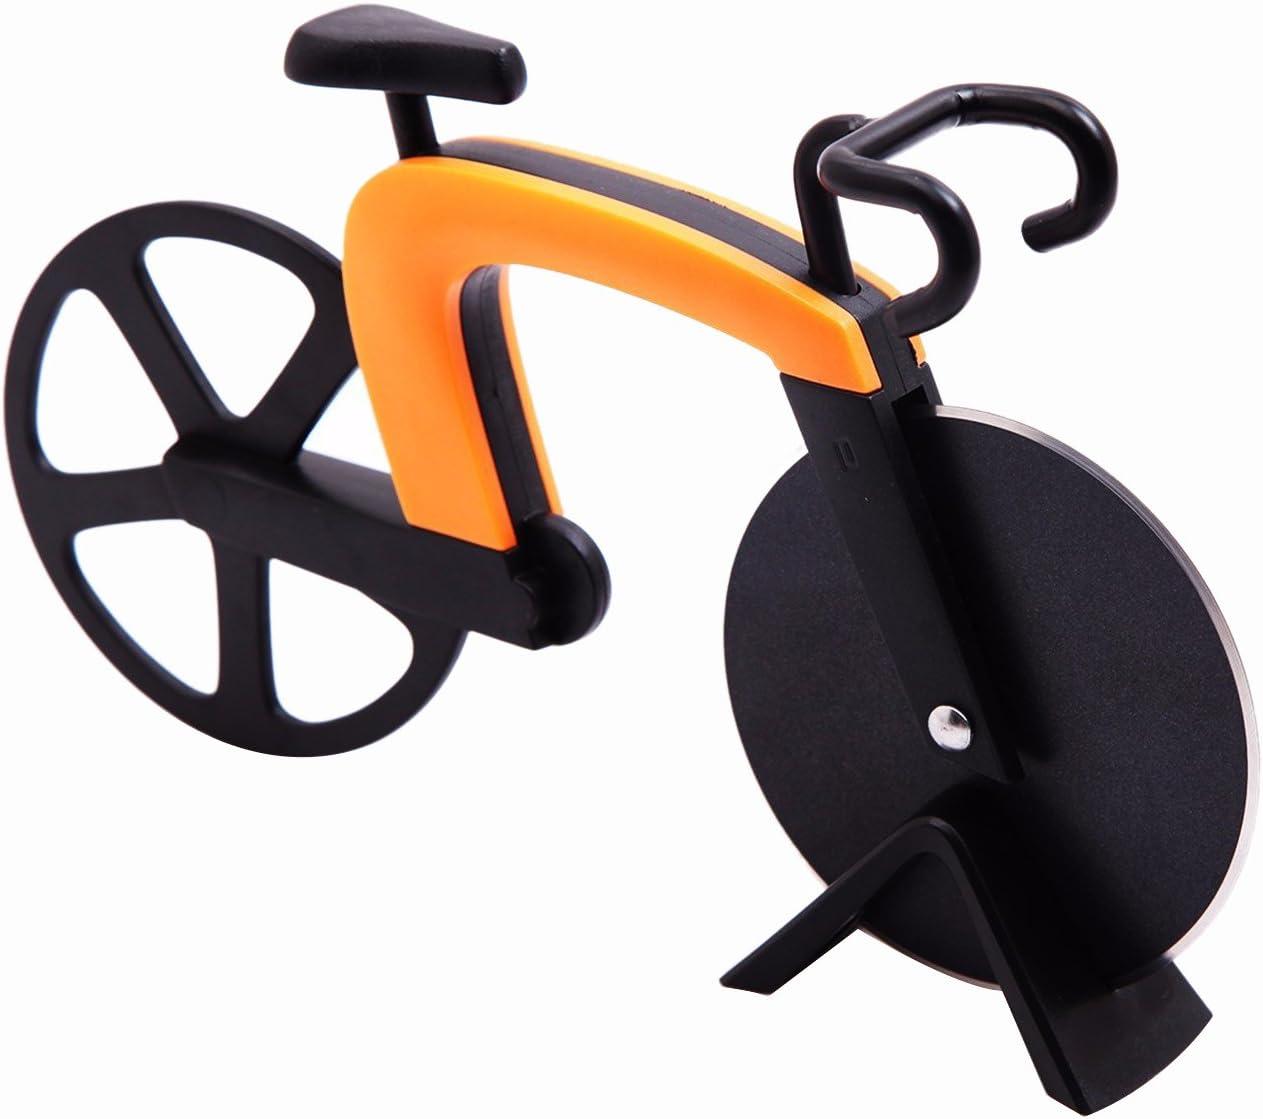 G.a HOMEFAVOR Cortapizzas con Recubrimiento Antiadherente Cortador de Pizza con Forma de Bicicleta: Amazon.es: Hogar